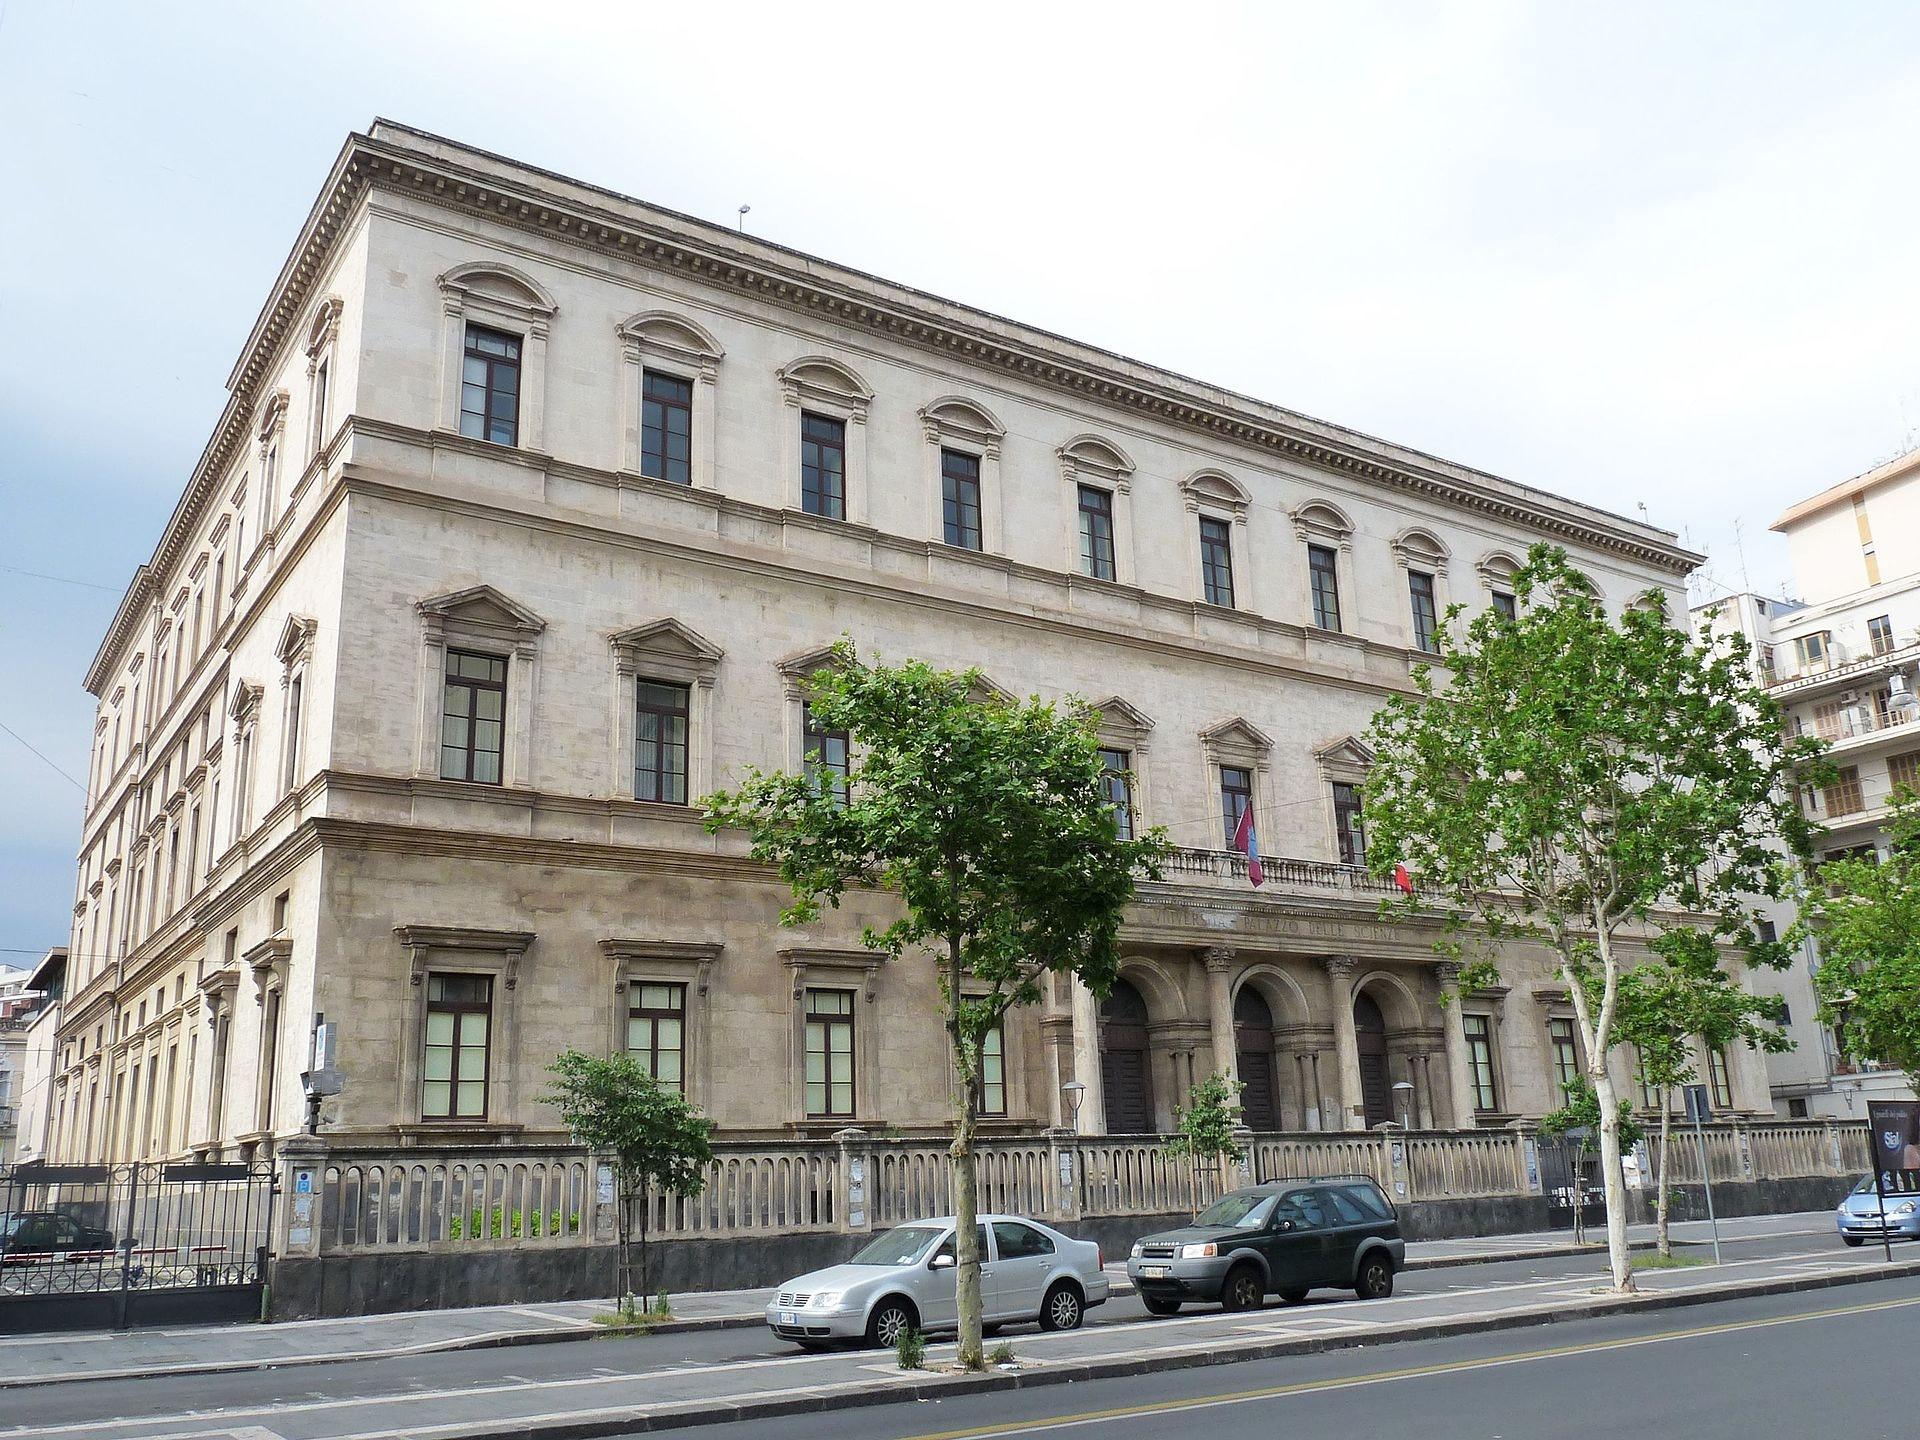 Palazzo delle Scienze - Palazzo Marescotti